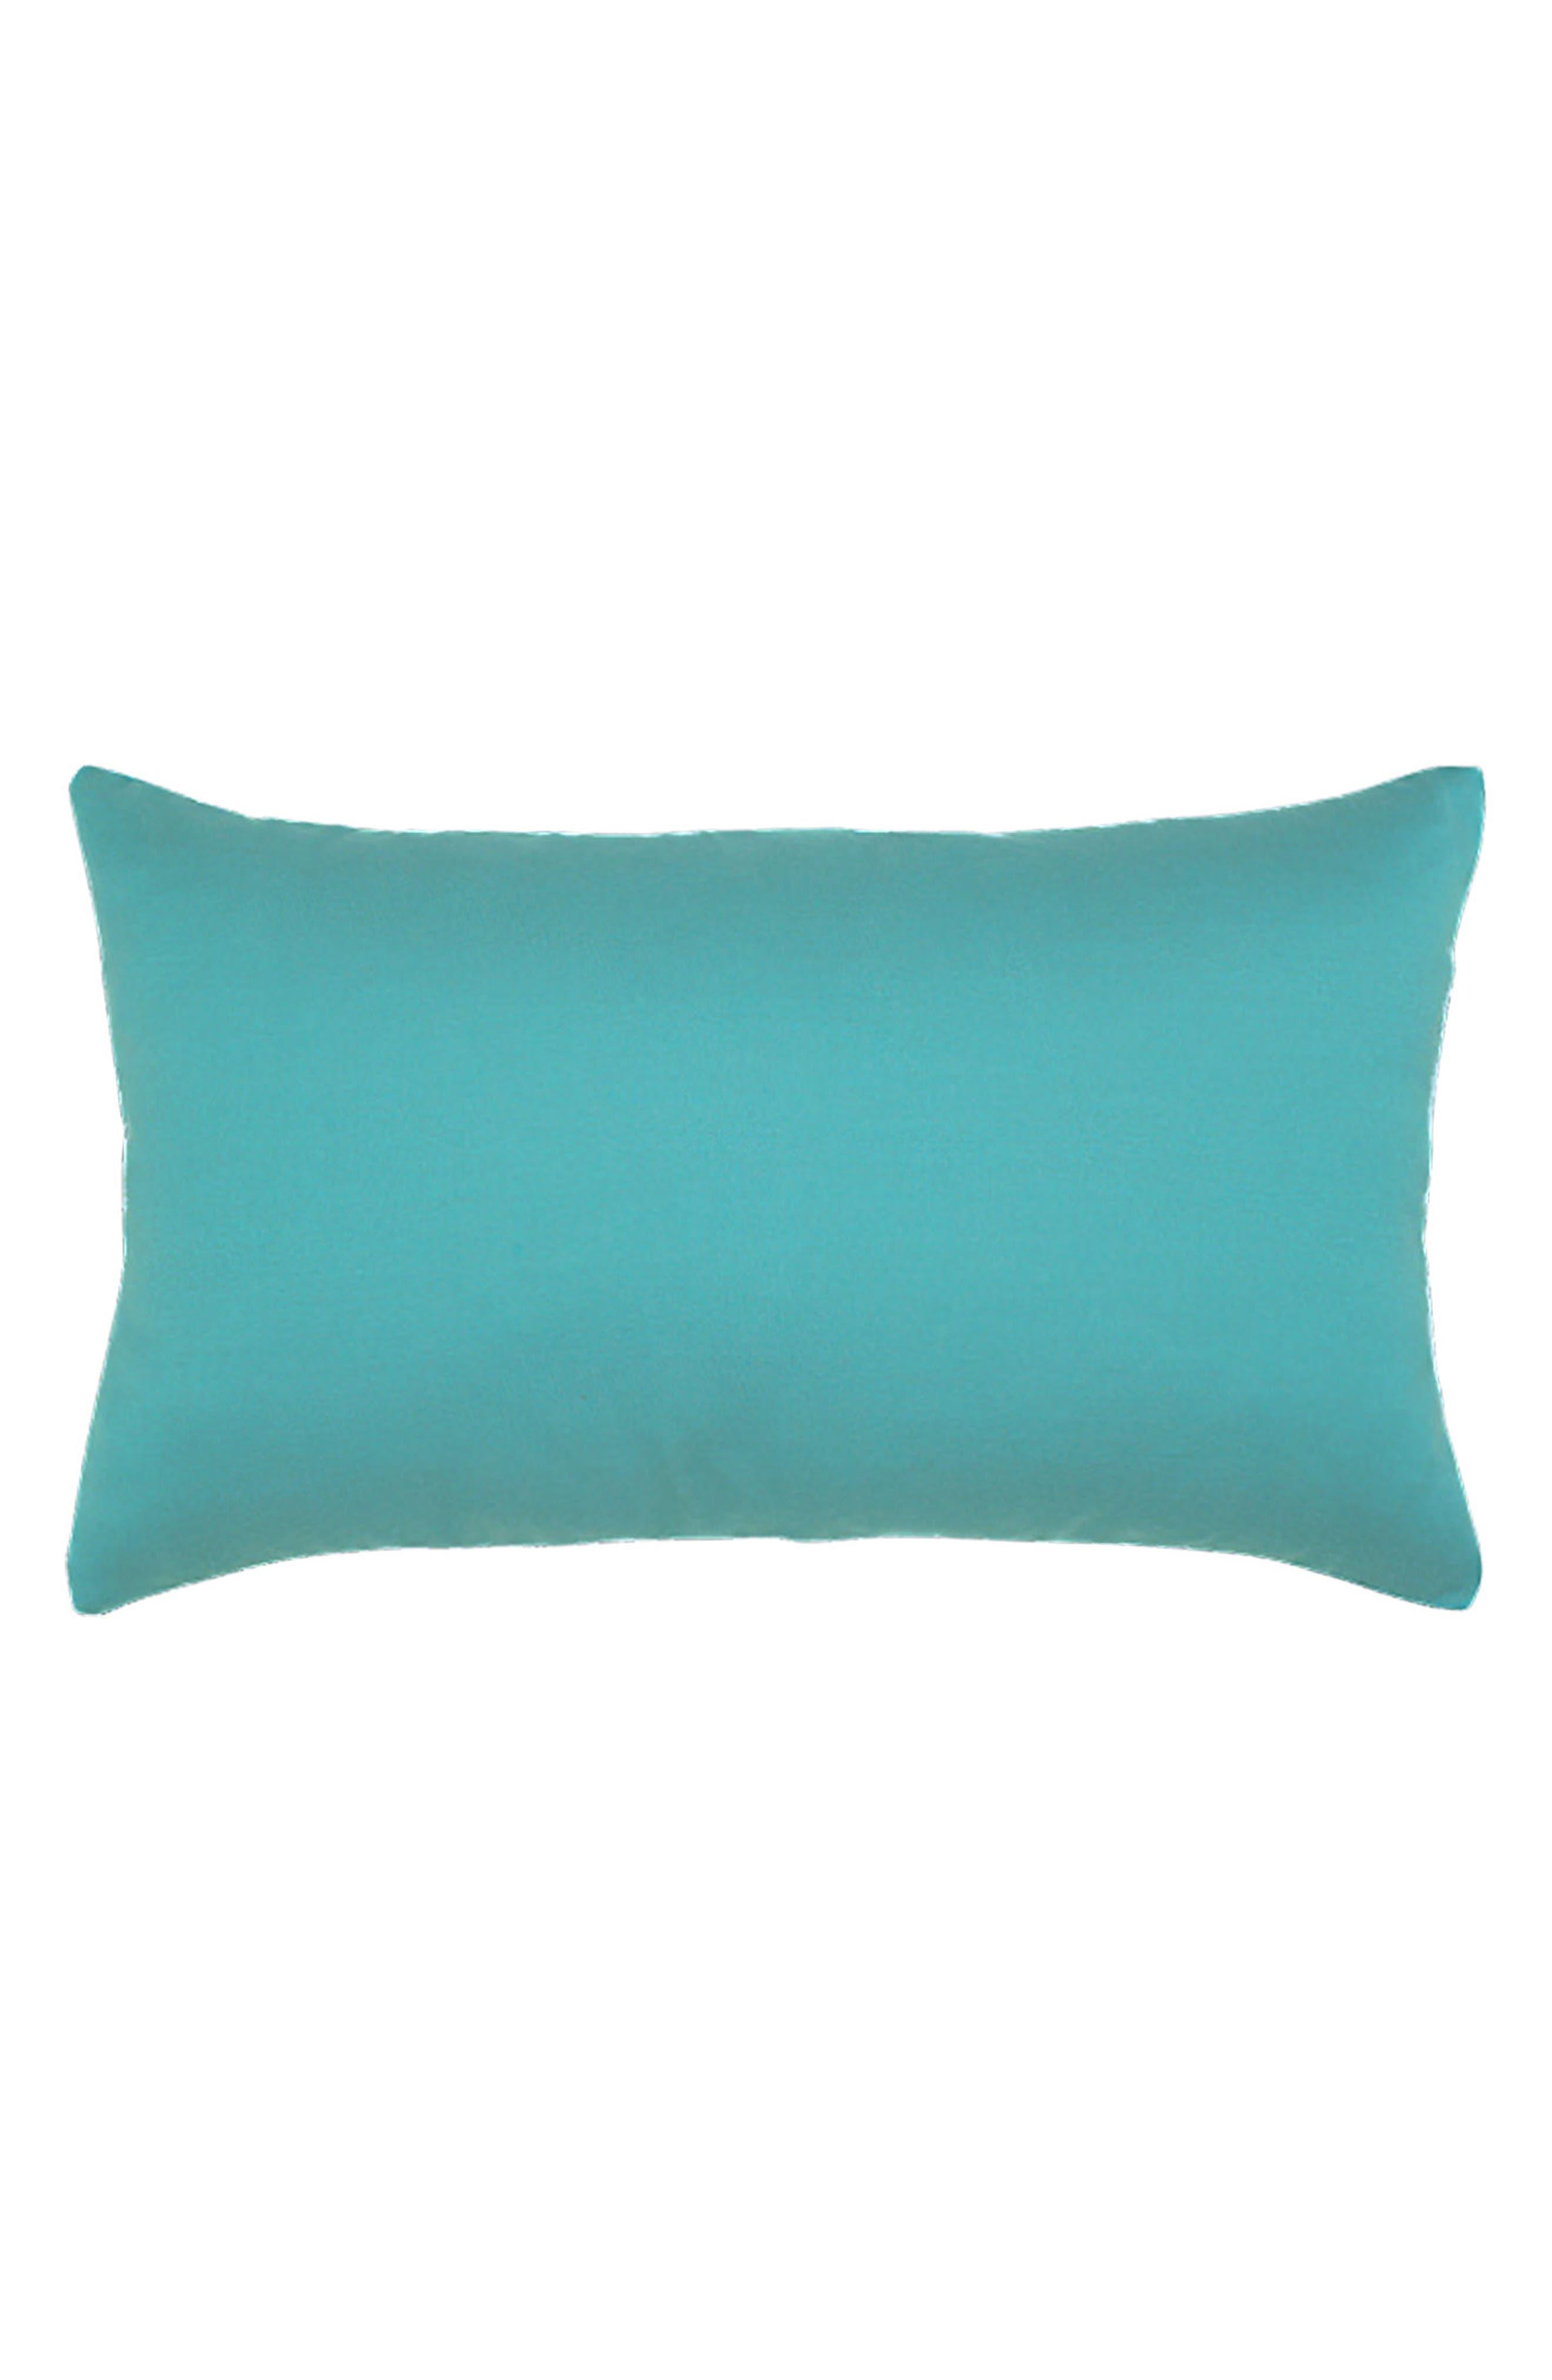 Gladiator Aruba Lumbar Pillow,                             Alternate thumbnail 2, color,                             400